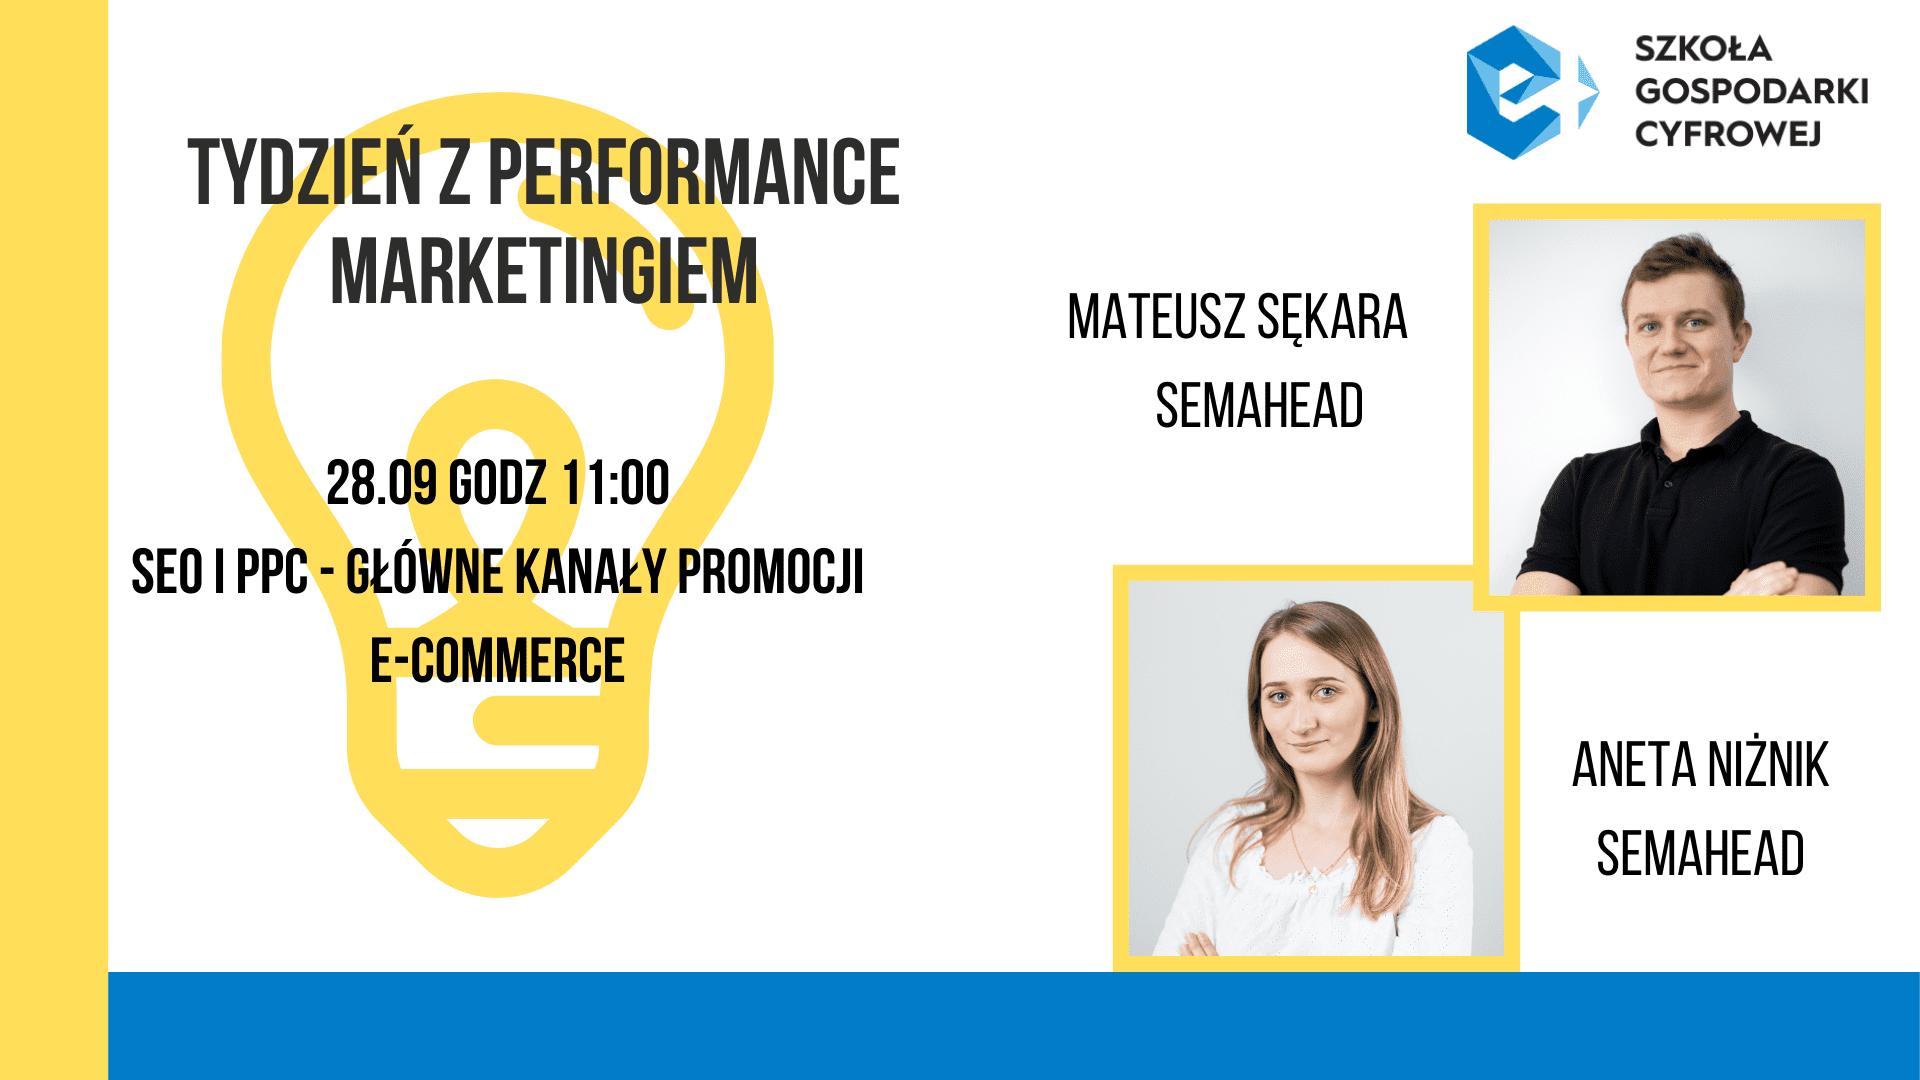 Tydzień z performance marketingiem